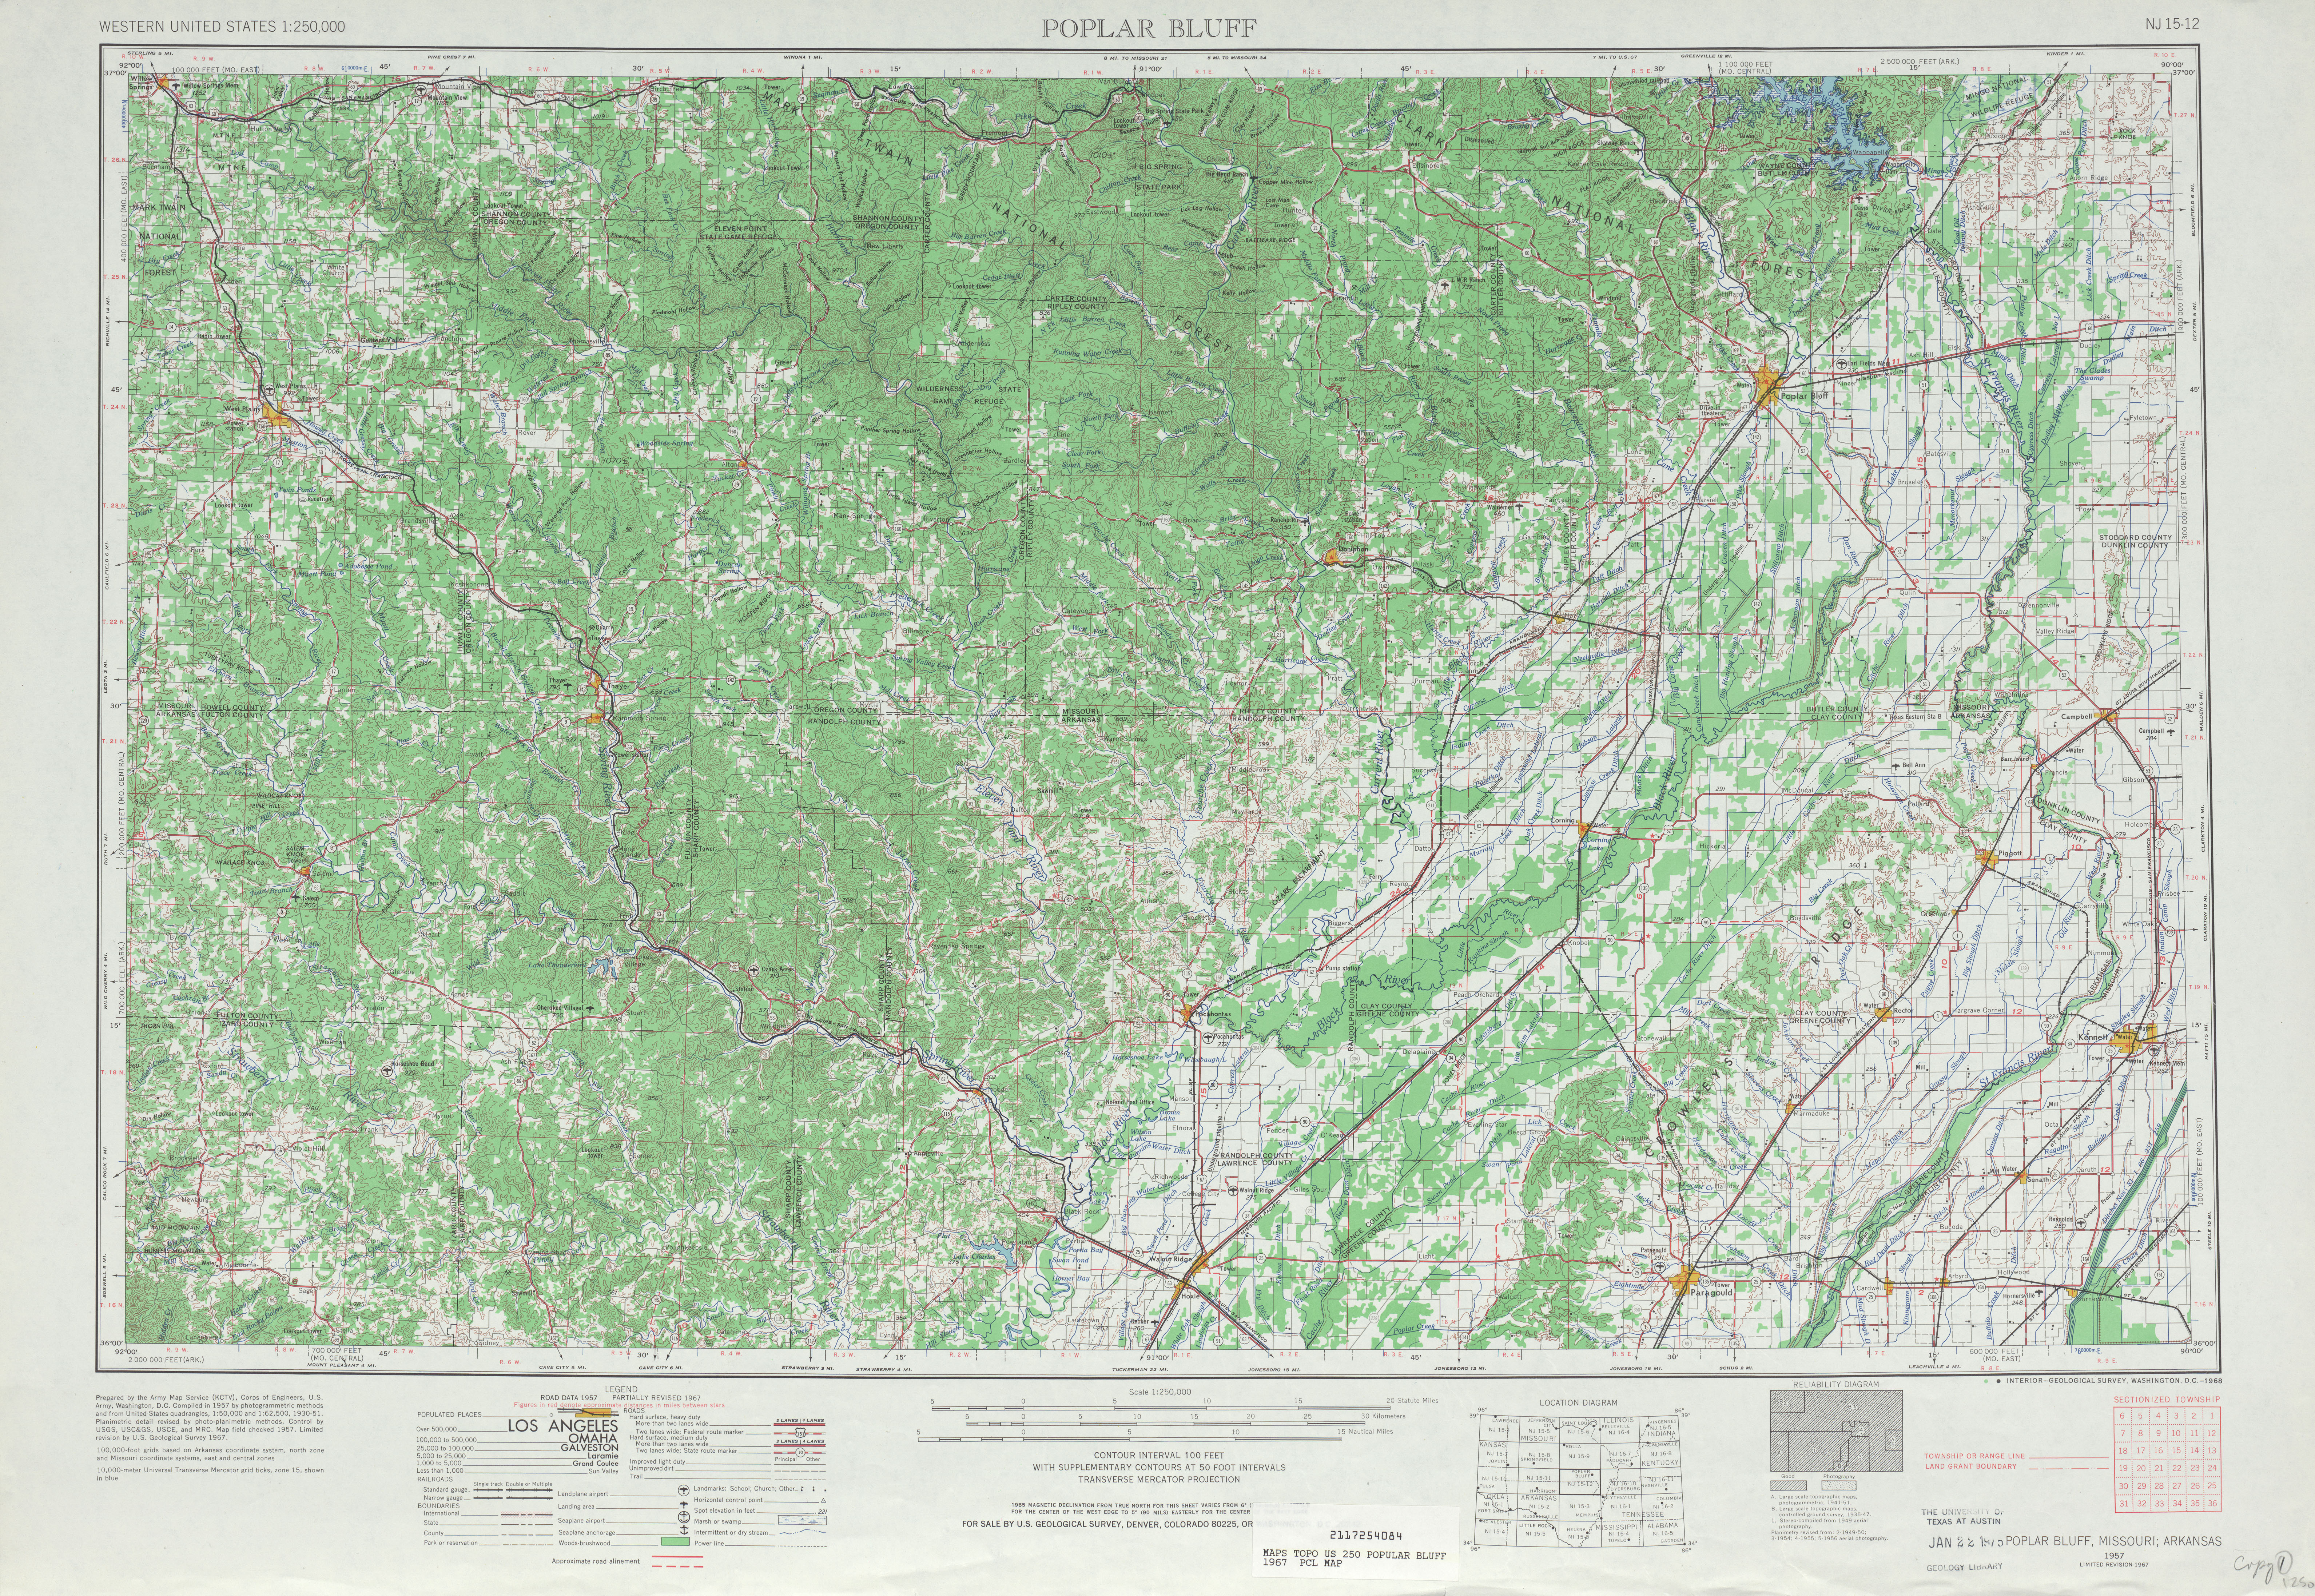 Hoja Poplar Bluff del Mapa Topográfico de los Estados Unidos 1967